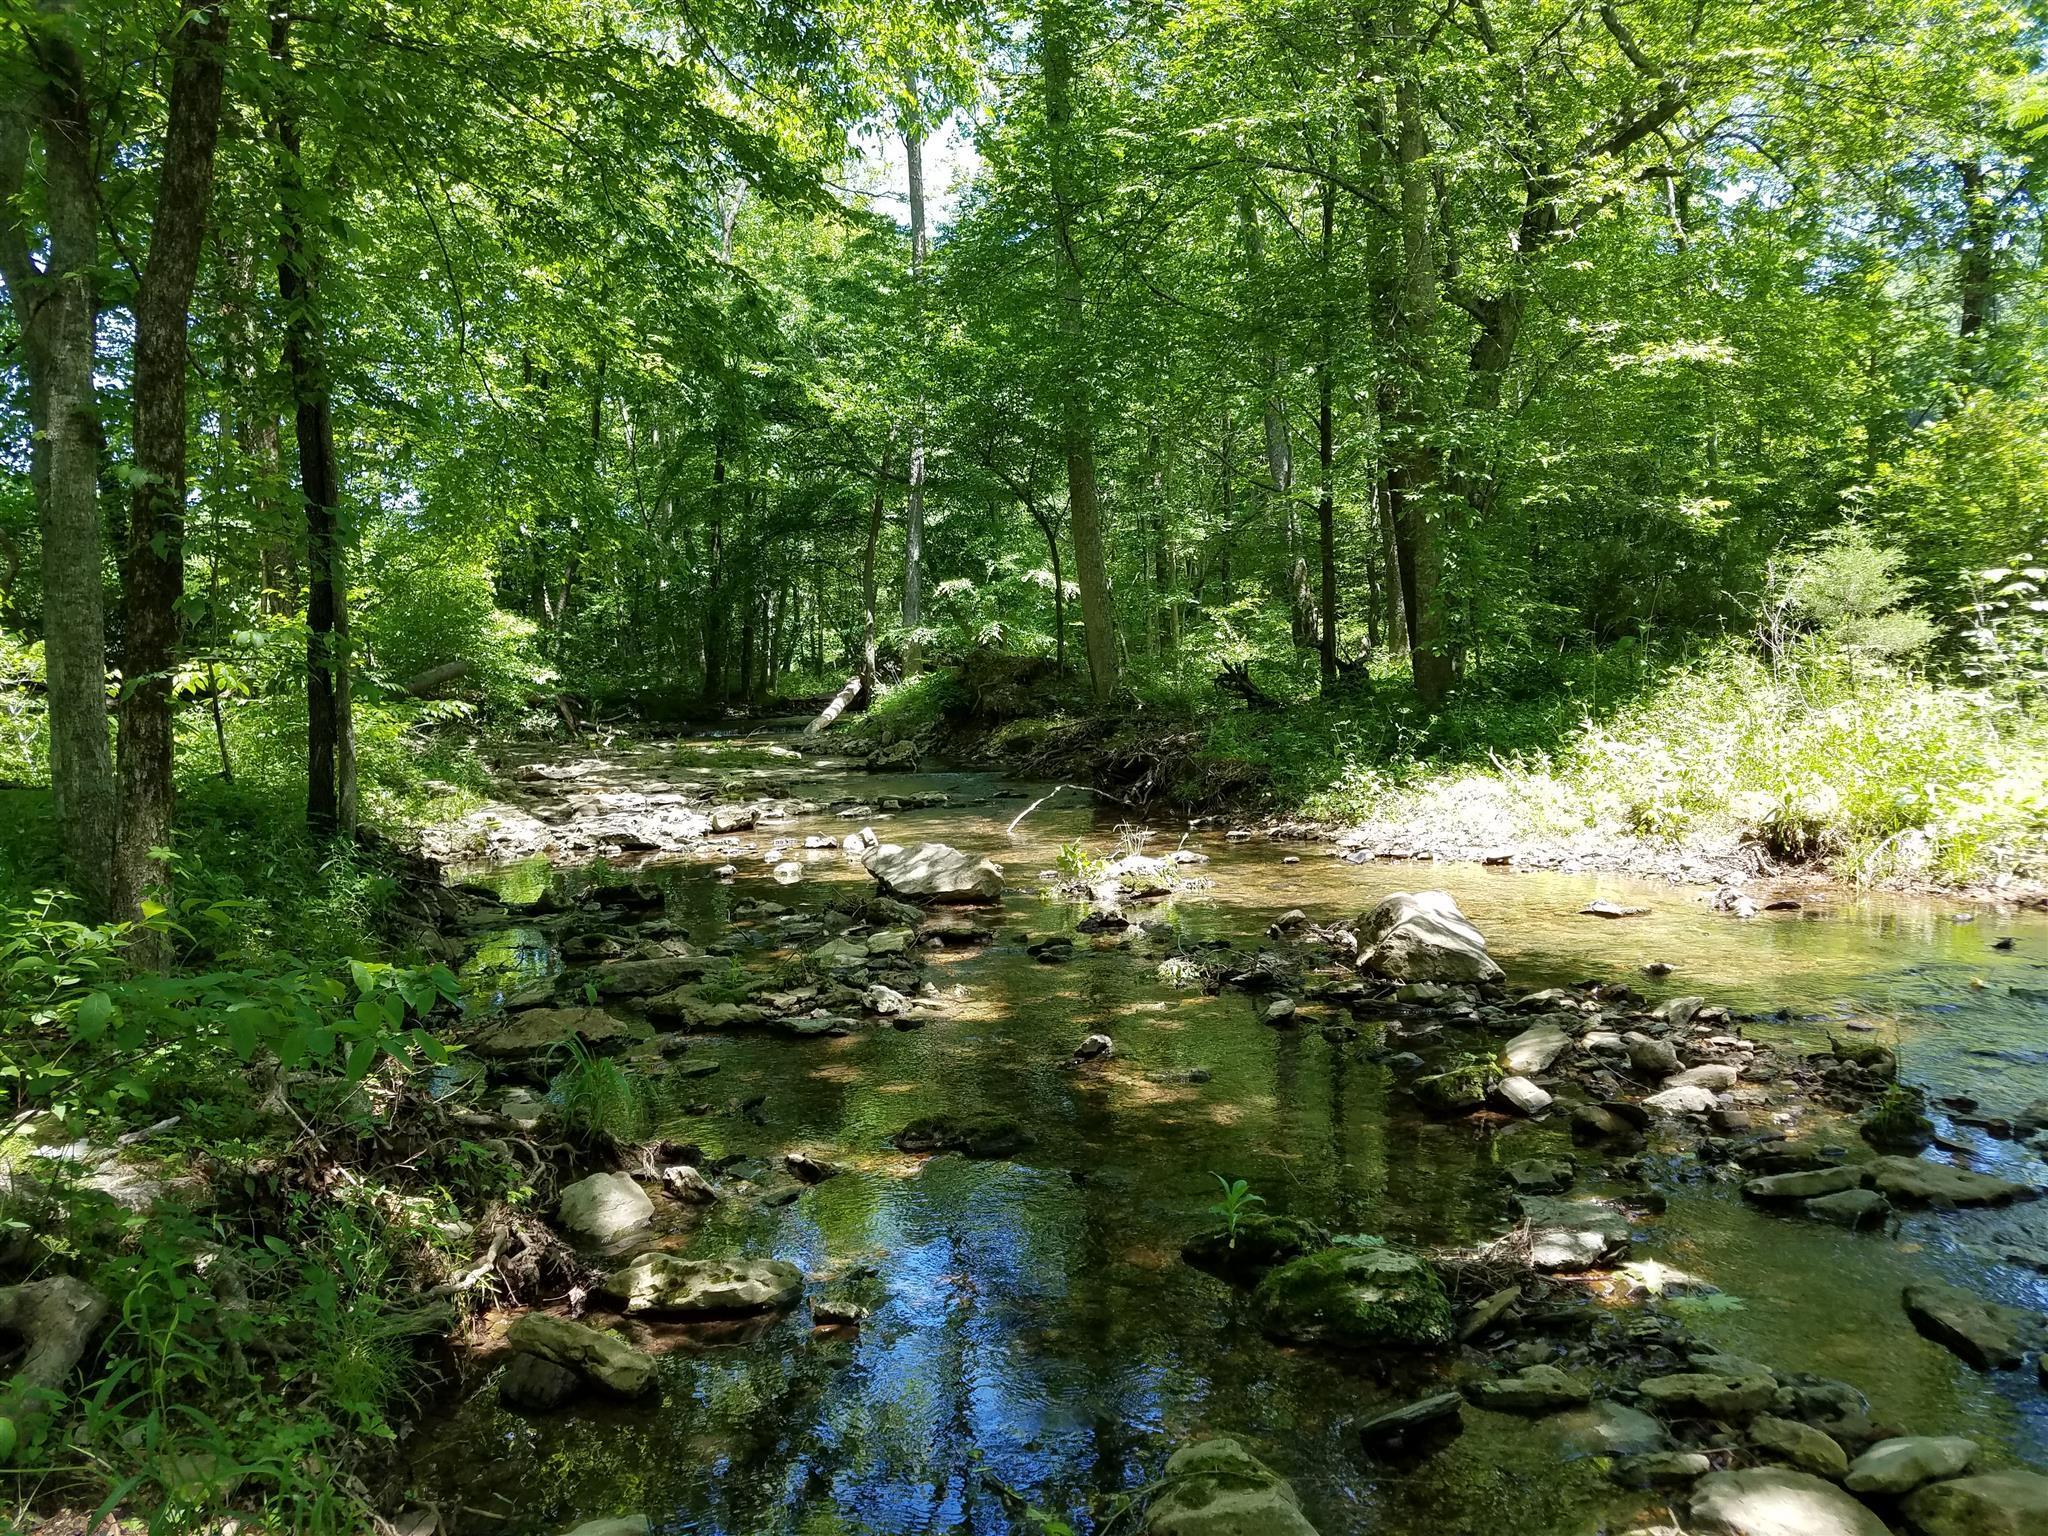 5770 S Lick Creek Rd, Franklin, TN 37064 - Franklin, TN real estate listing